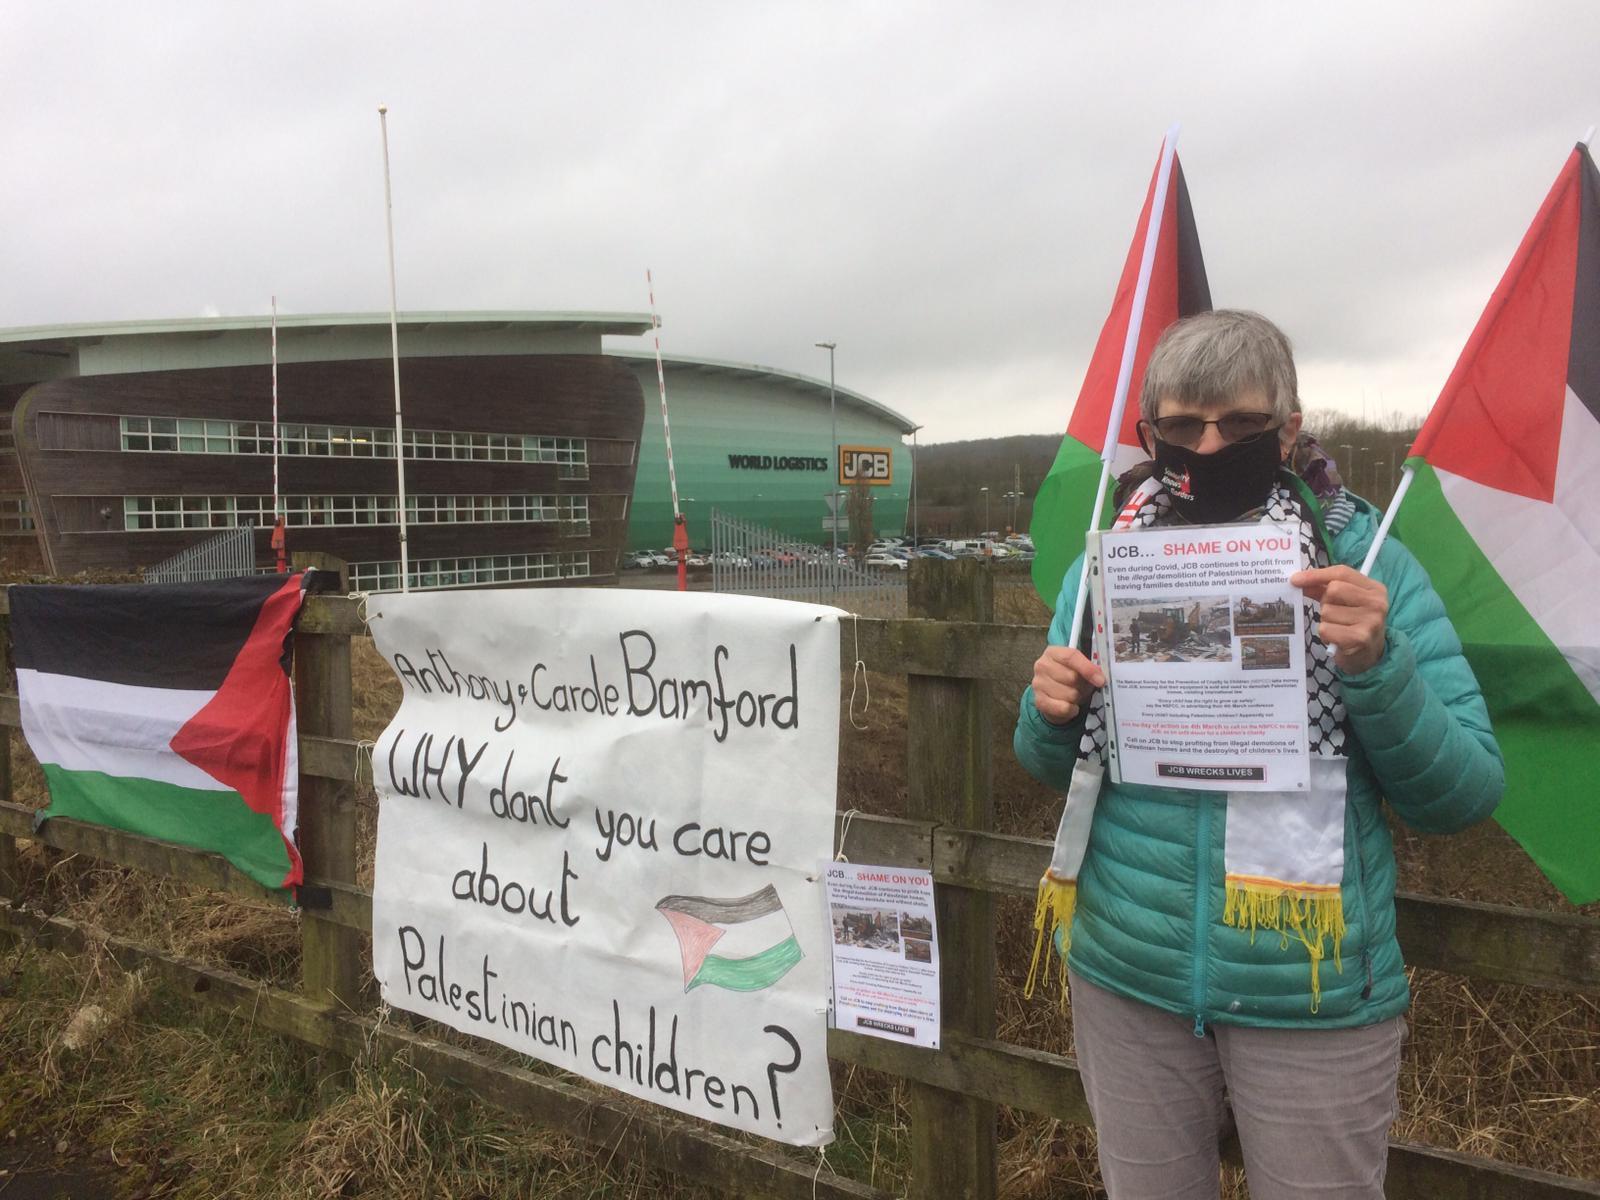 JCB protest